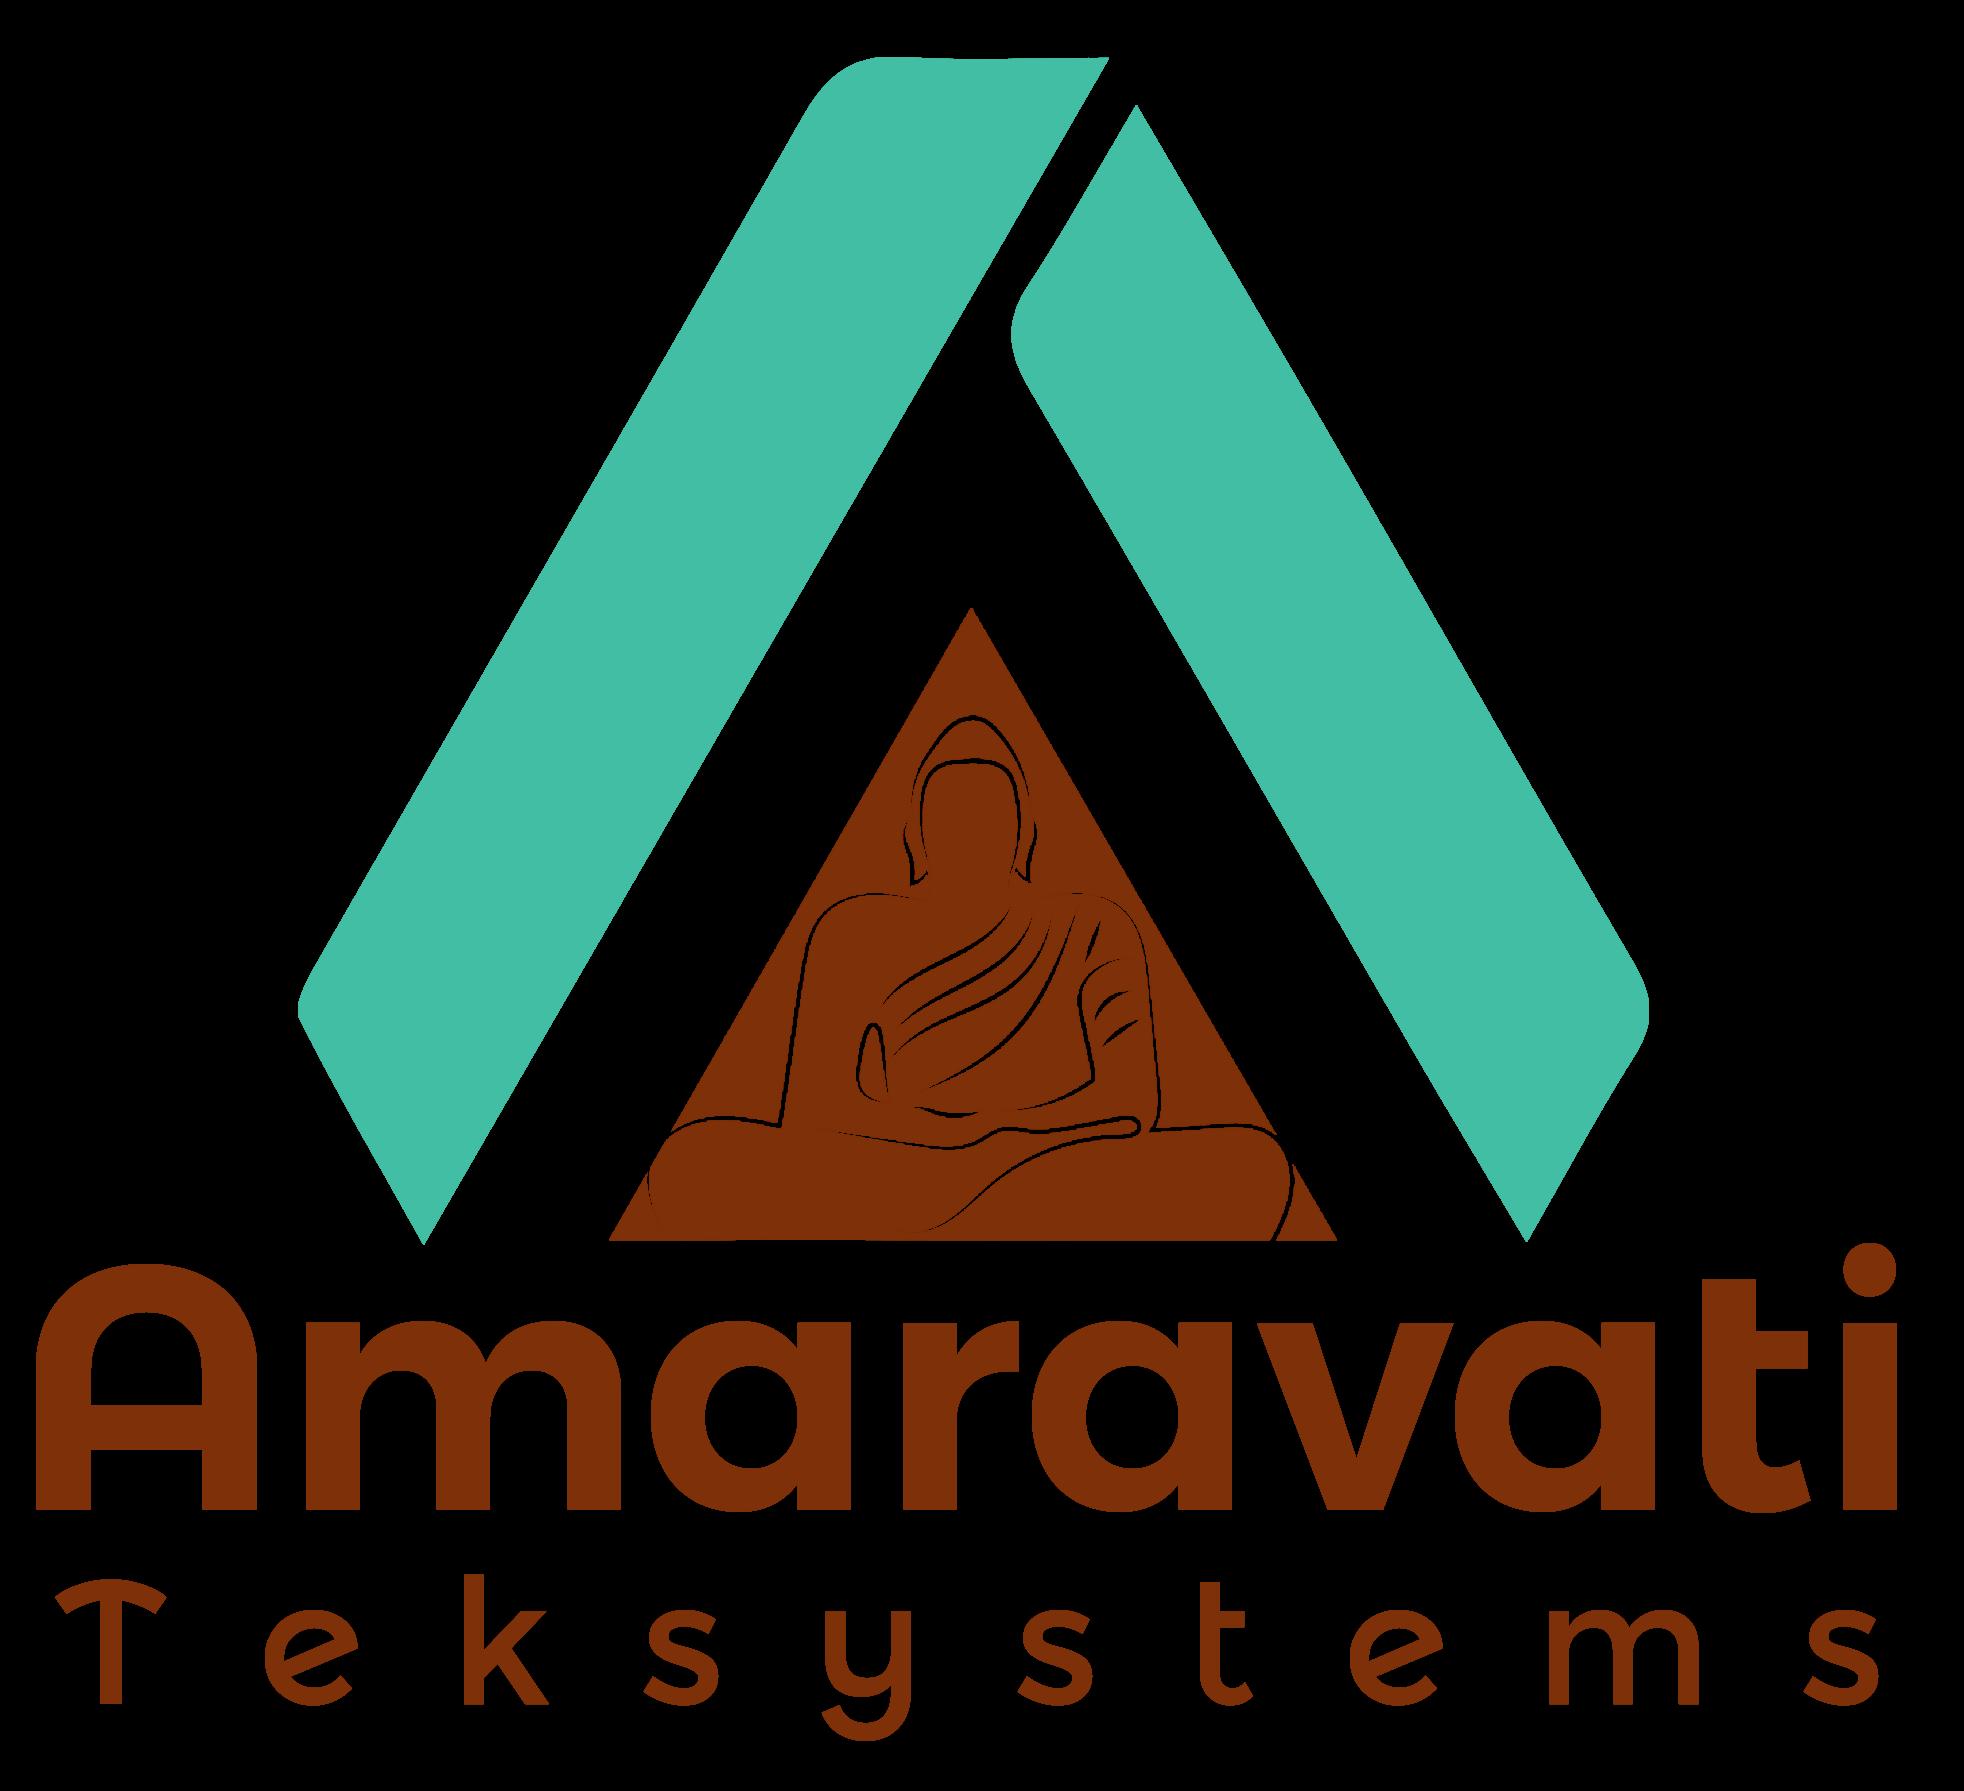 Amaravati Teksystems - Data Management company logo